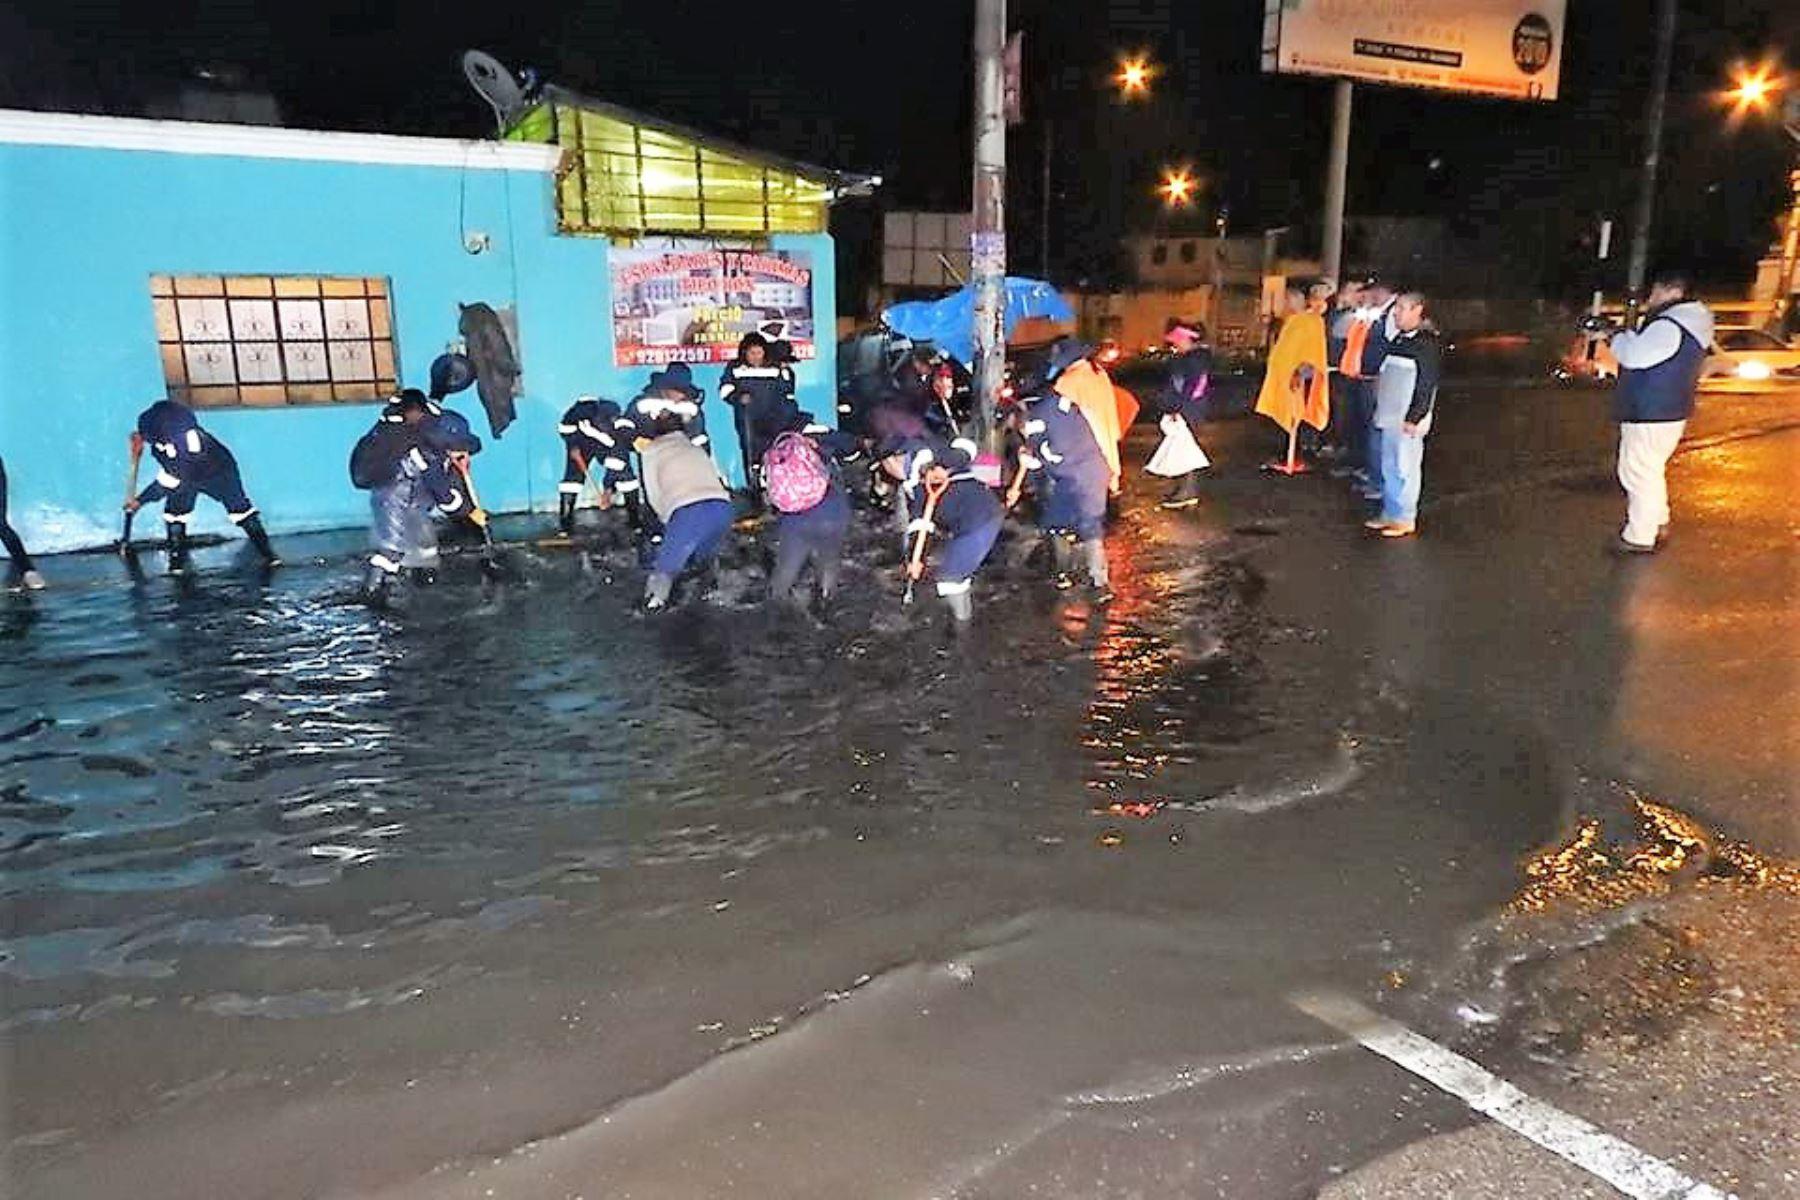 Lluvia intensa provocó aniegos en la ciudad de Arequipa. Foto: TVT Arequipa/Facebook